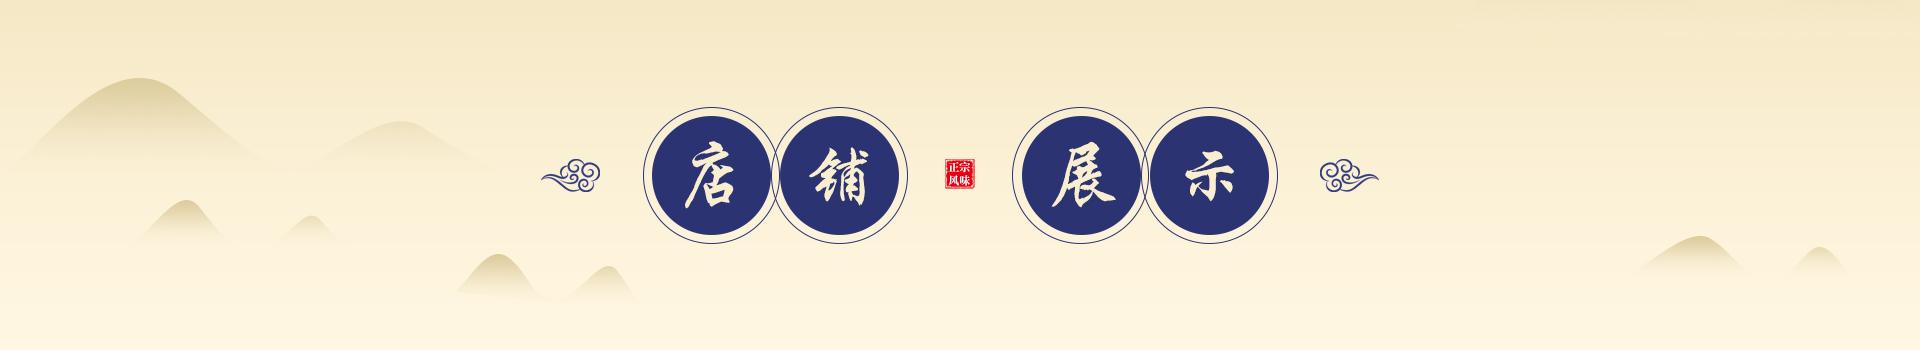 米线加盟-云南过桥米线-张一碗官网